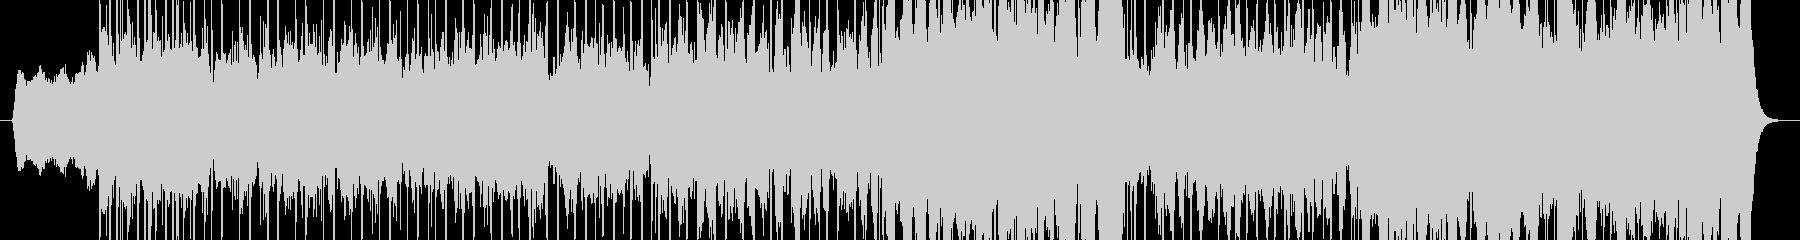 「ツクヨミノコエ」というネット朗読のB…の未再生の波形